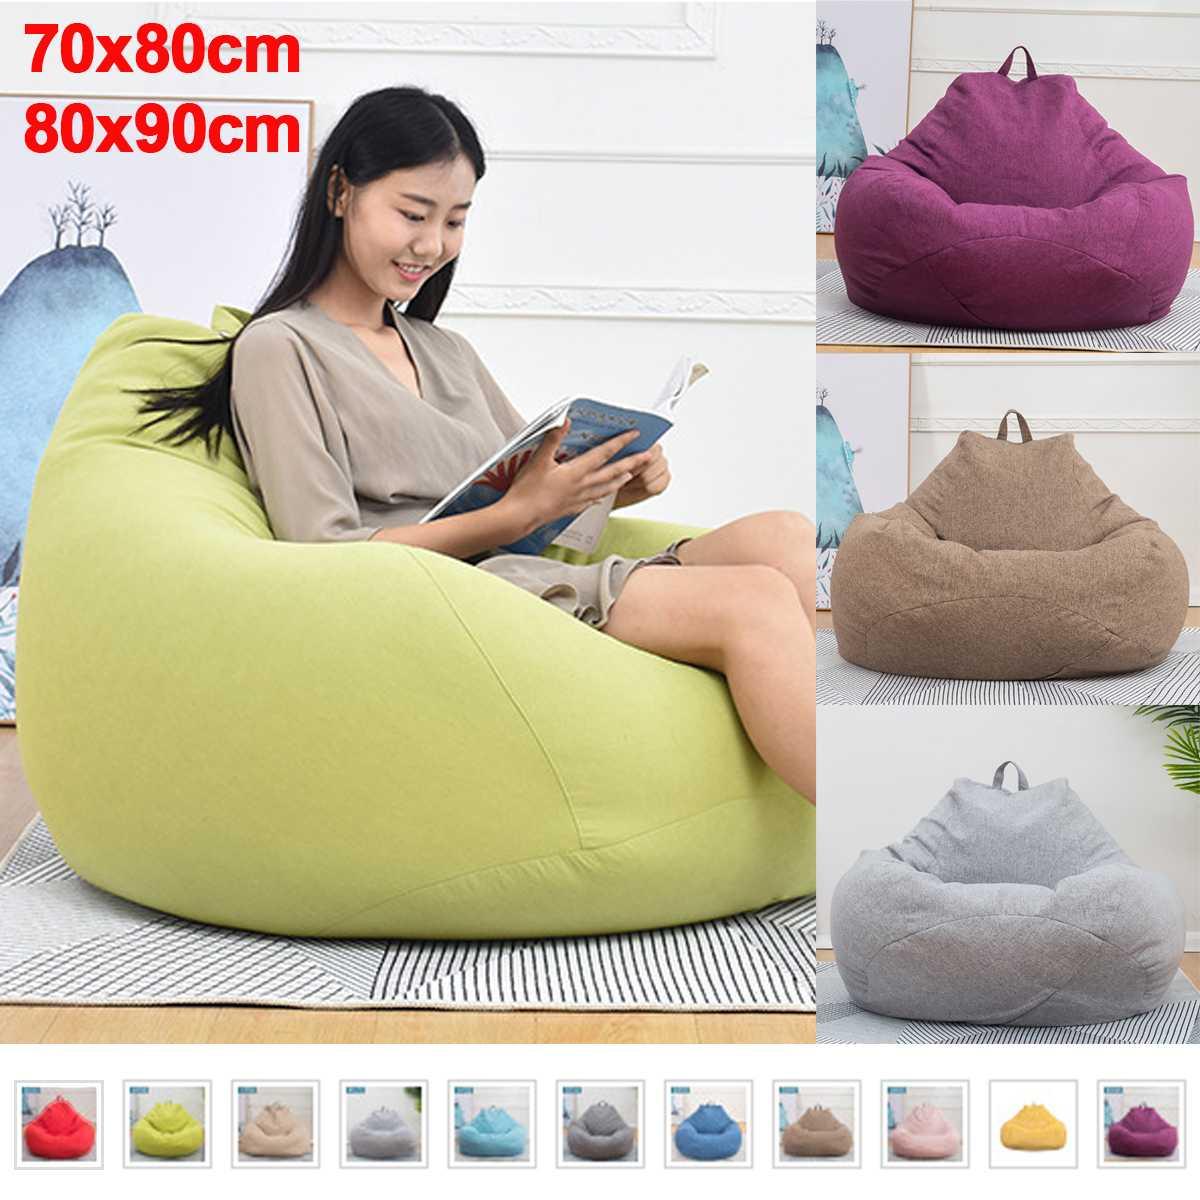 Cushion - Comfortable Soft Giant Bean Bag Chair